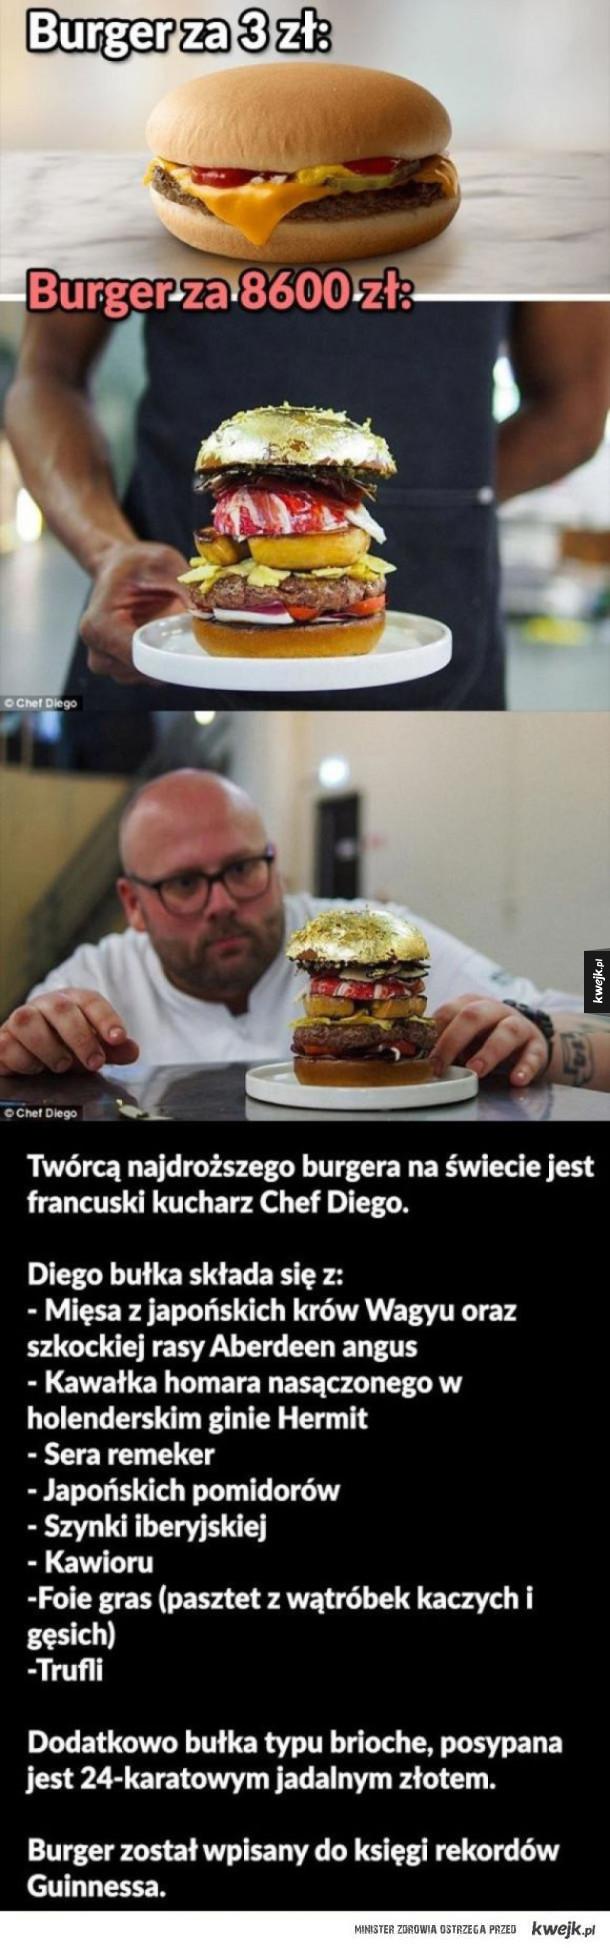 Burger za 8600zł